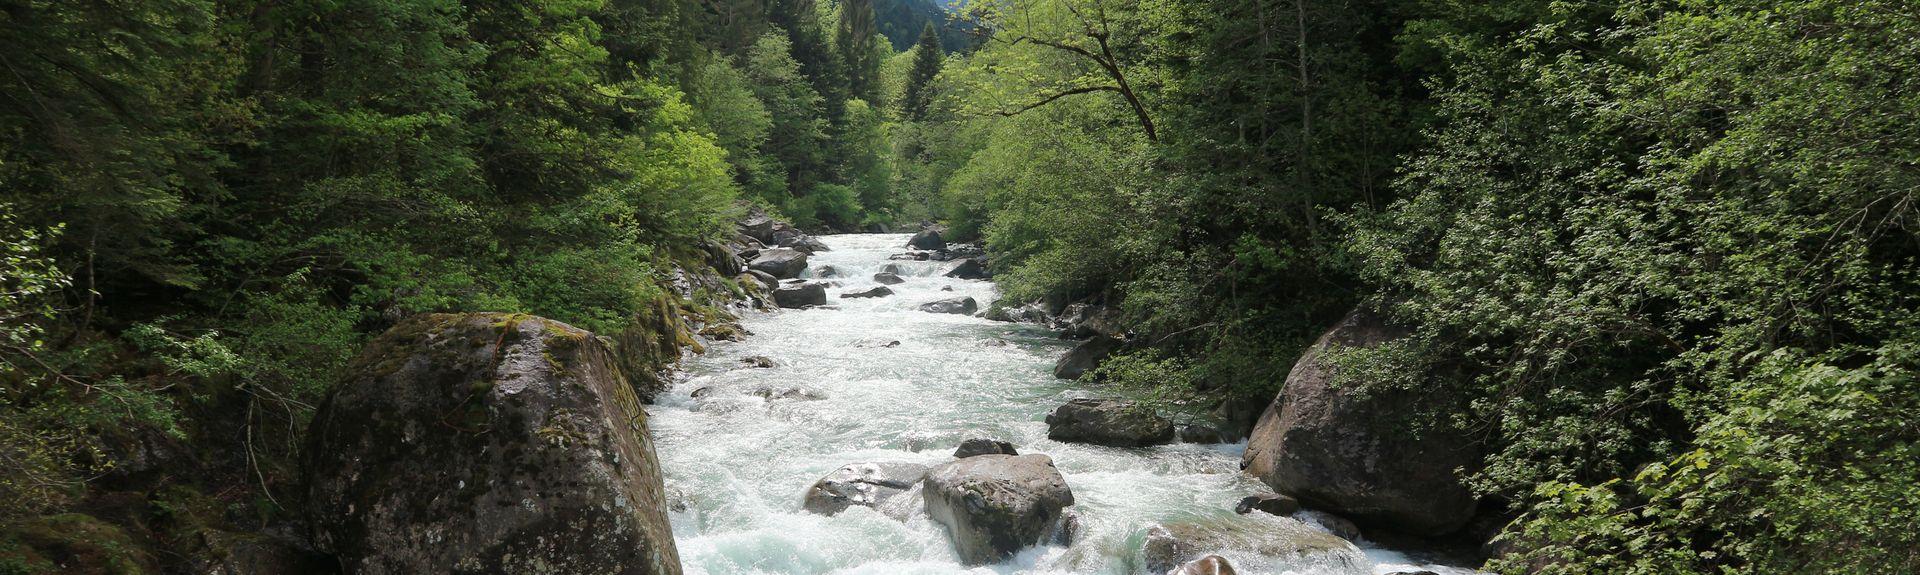 Valstrona, Verbano-Cusio-Ossola, Piedmont, Italy